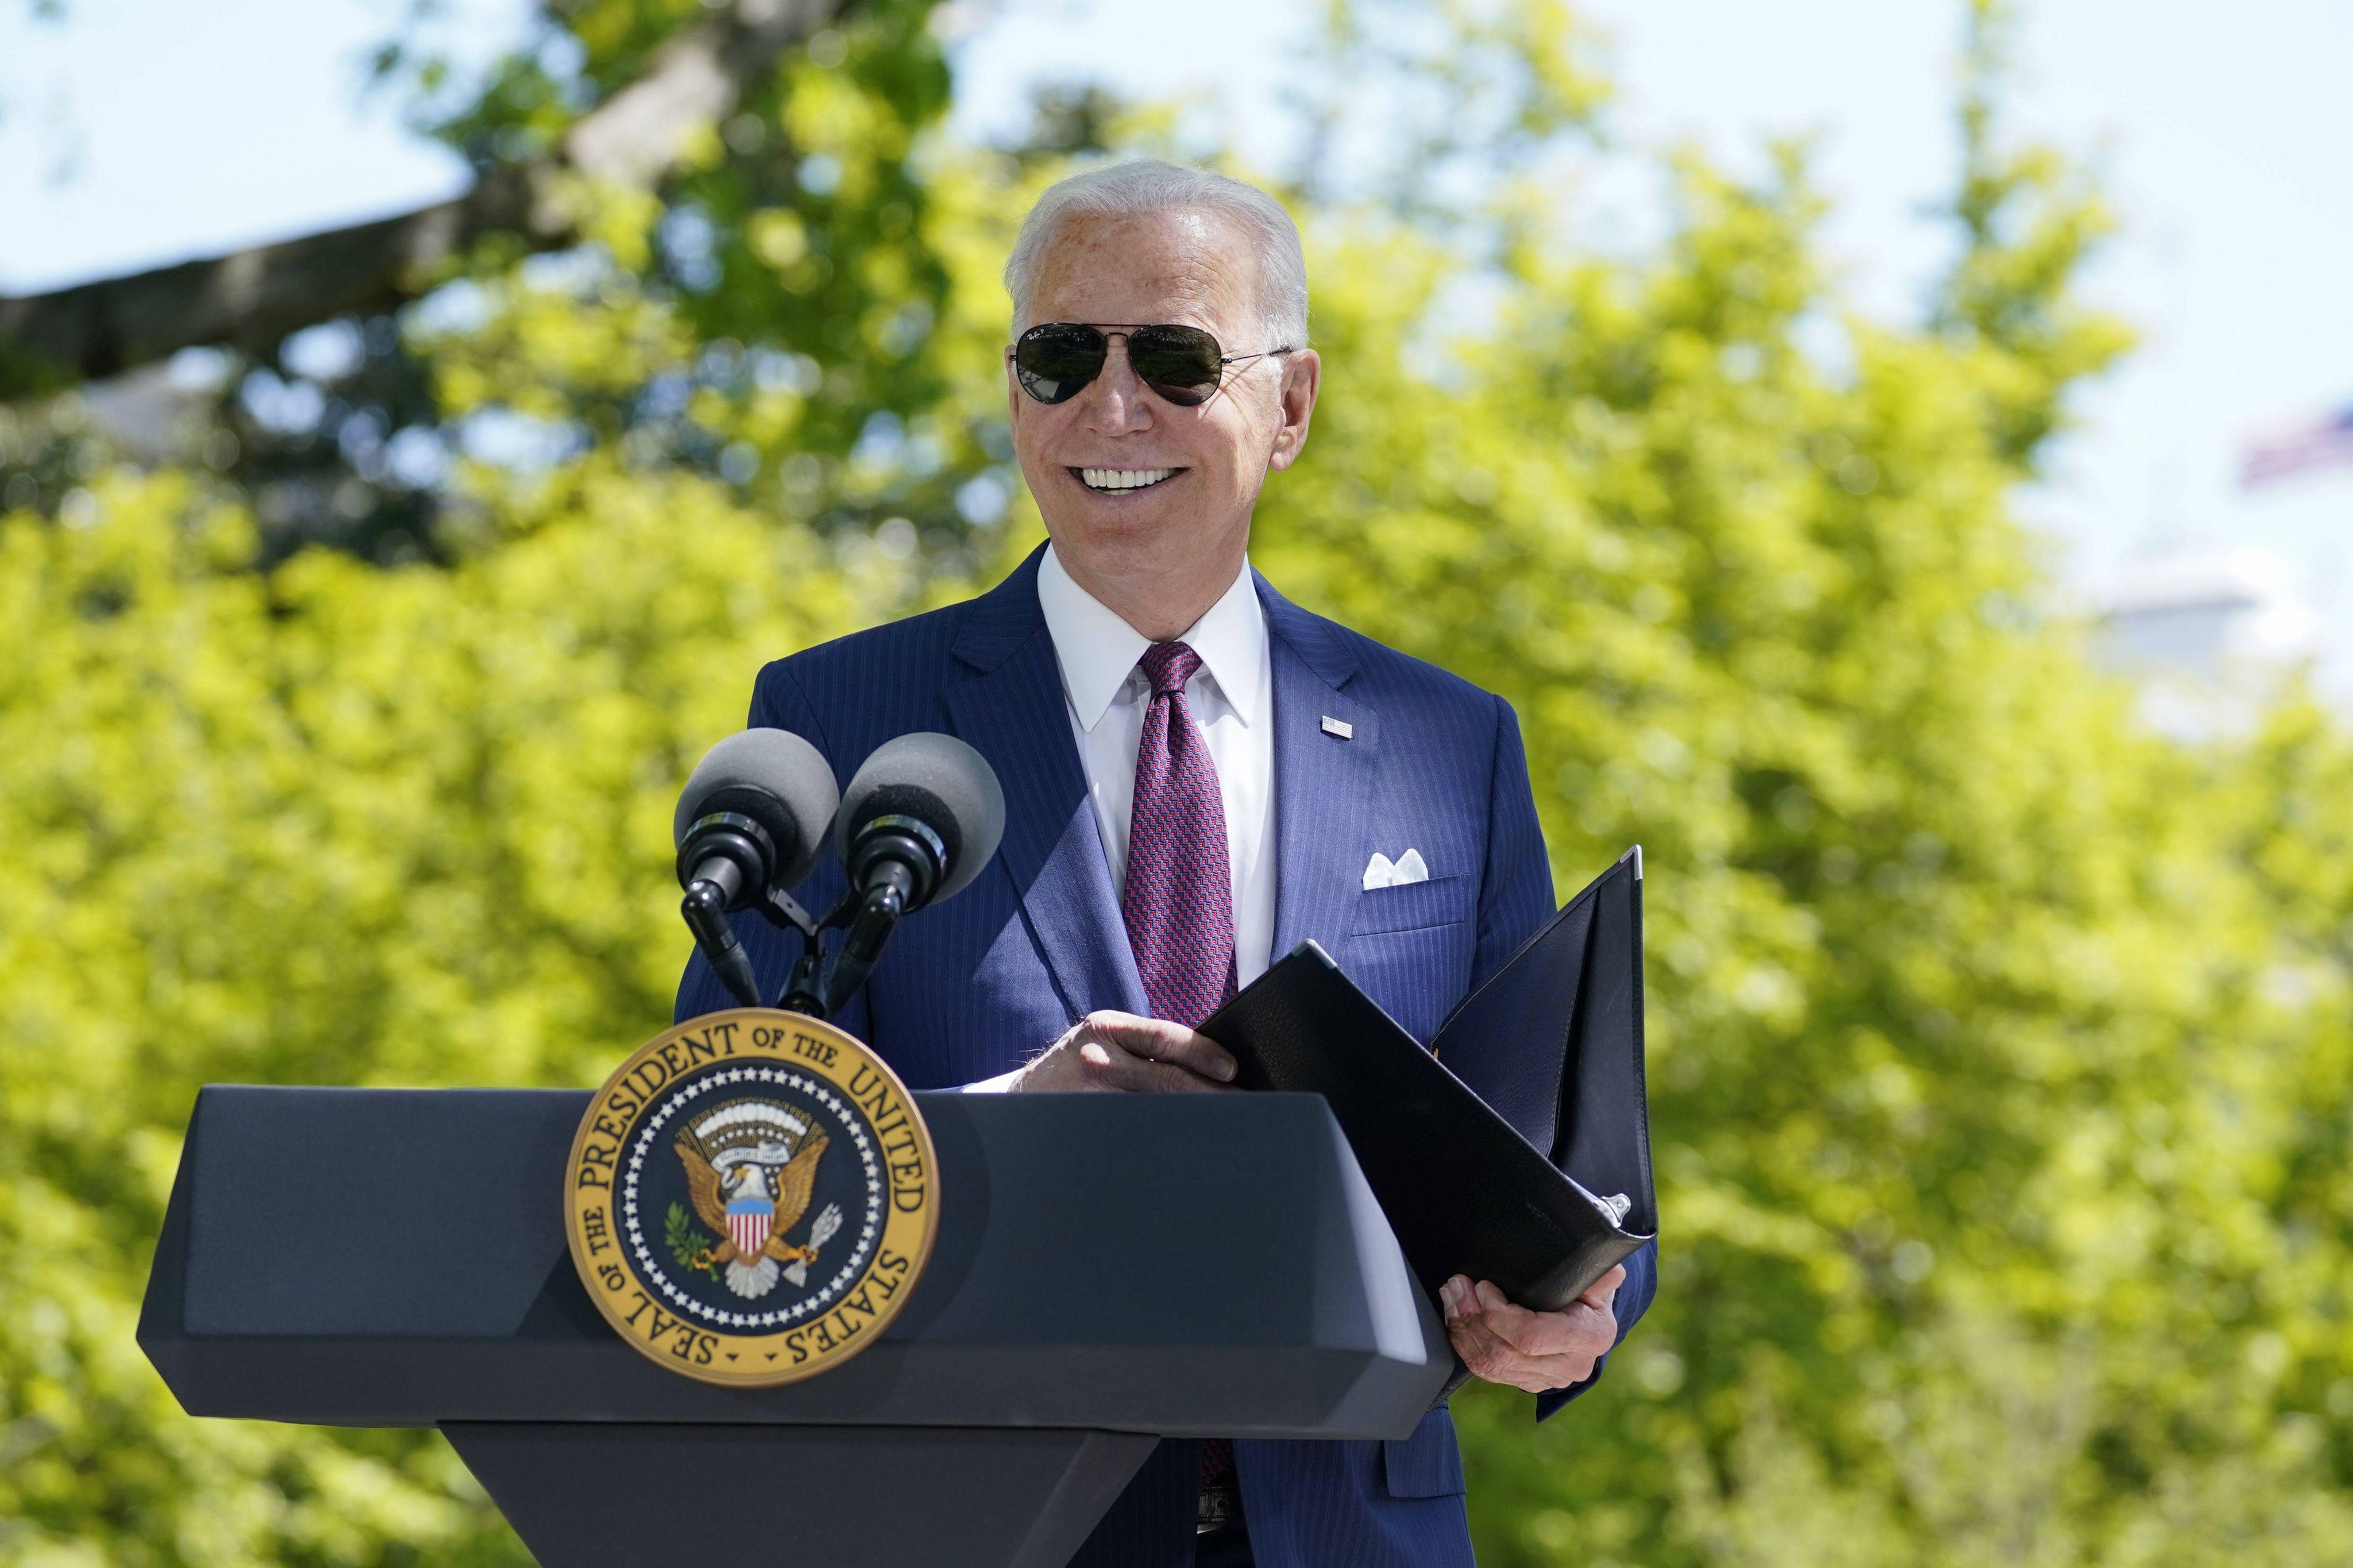 Le président américain Joe Biden fait un point presse sur le Covid-19, le 27 avril 2021, dans les jardins de la Maison Blanche.